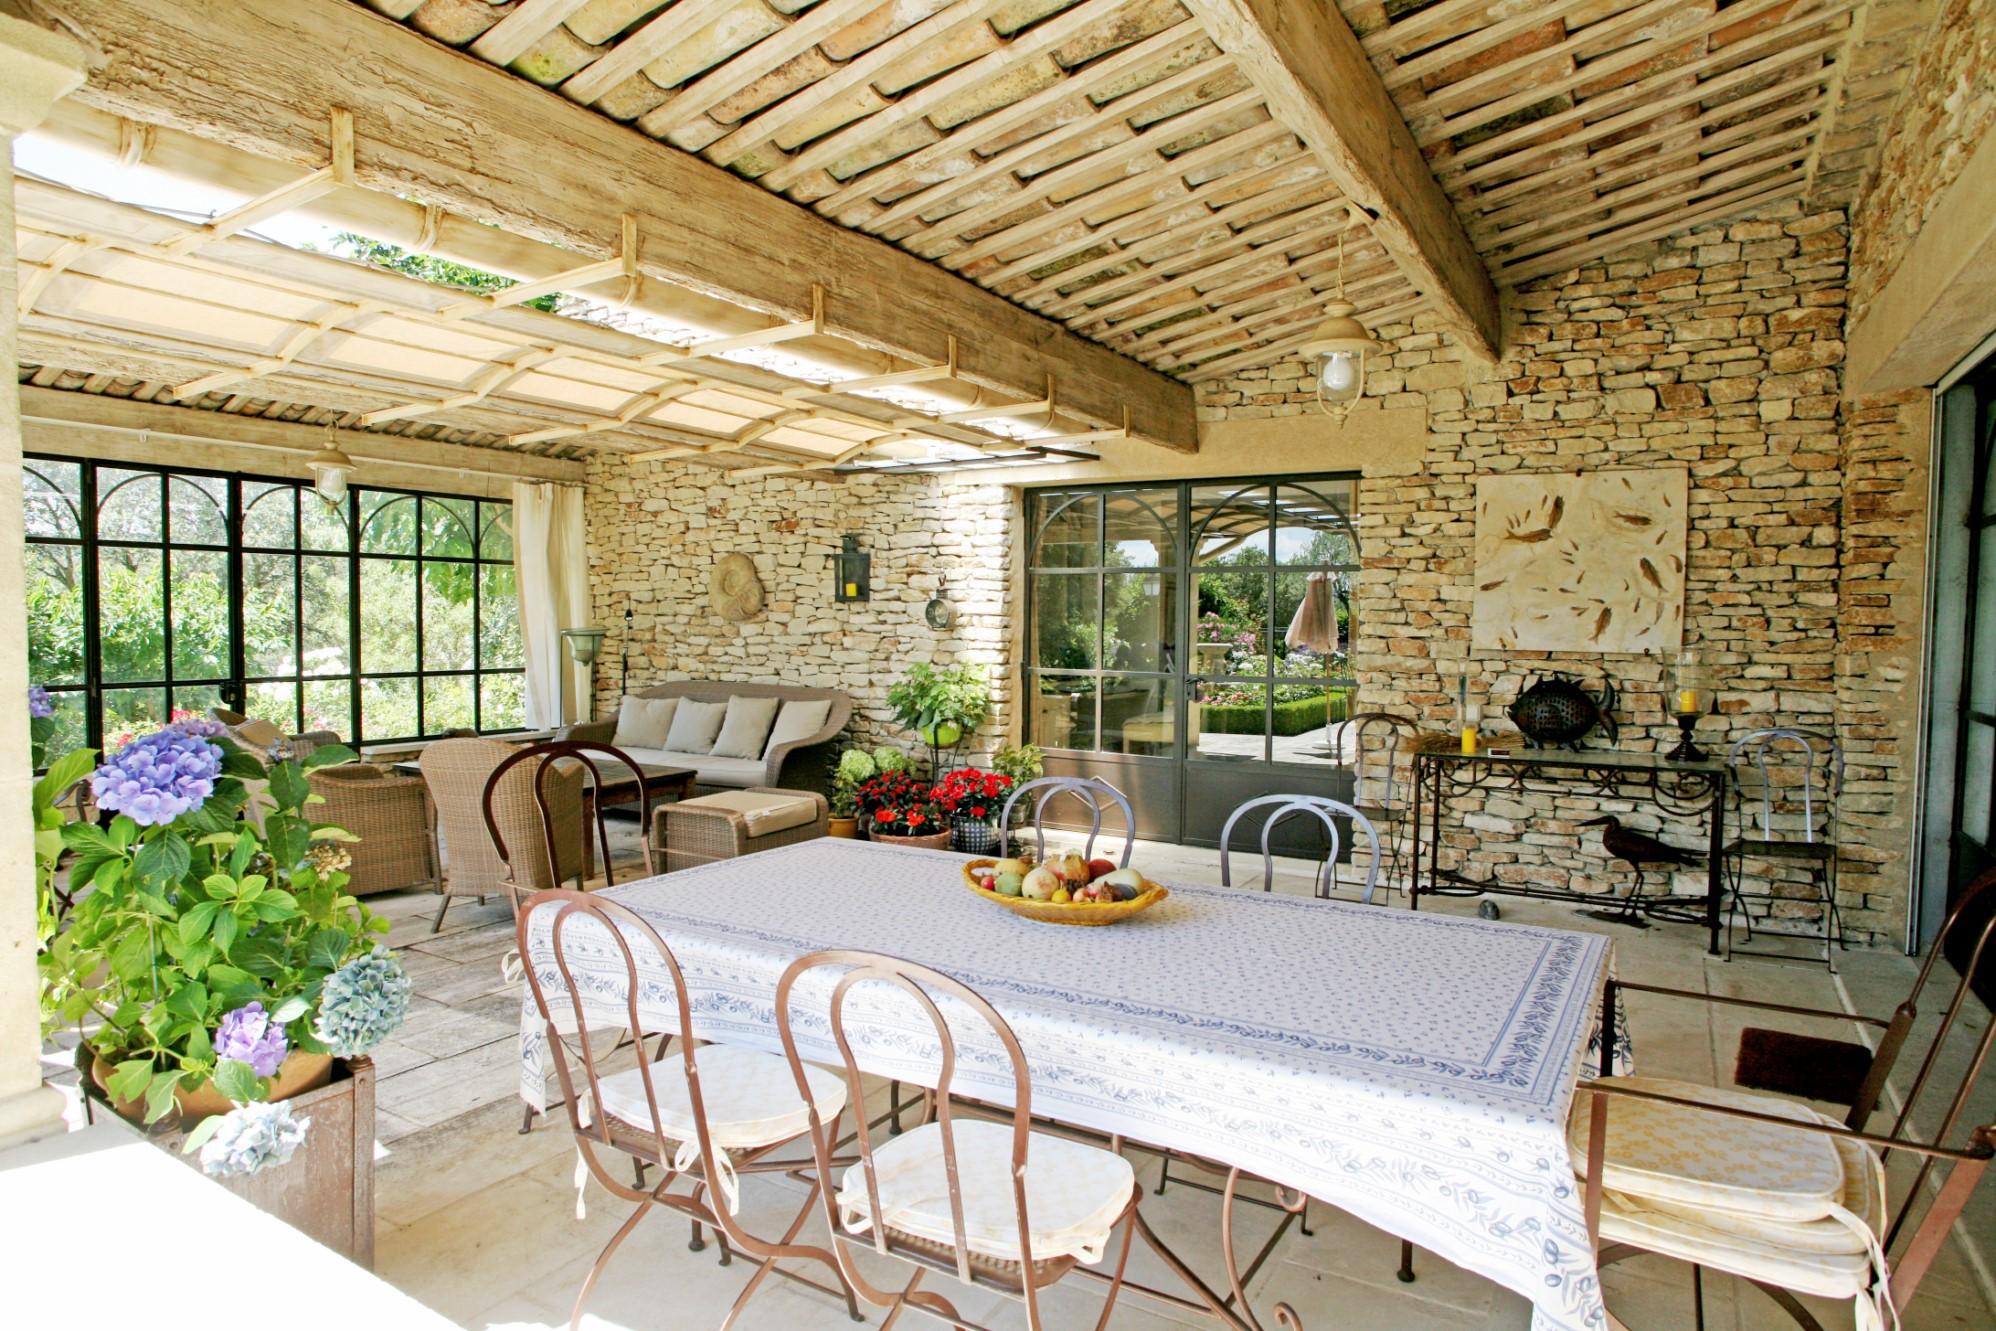 ventes en luberon vendre maison aux beaux volumes avec grand jardin vues et piscine agence. Black Bedroom Furniture Sets. Home Design Ideas